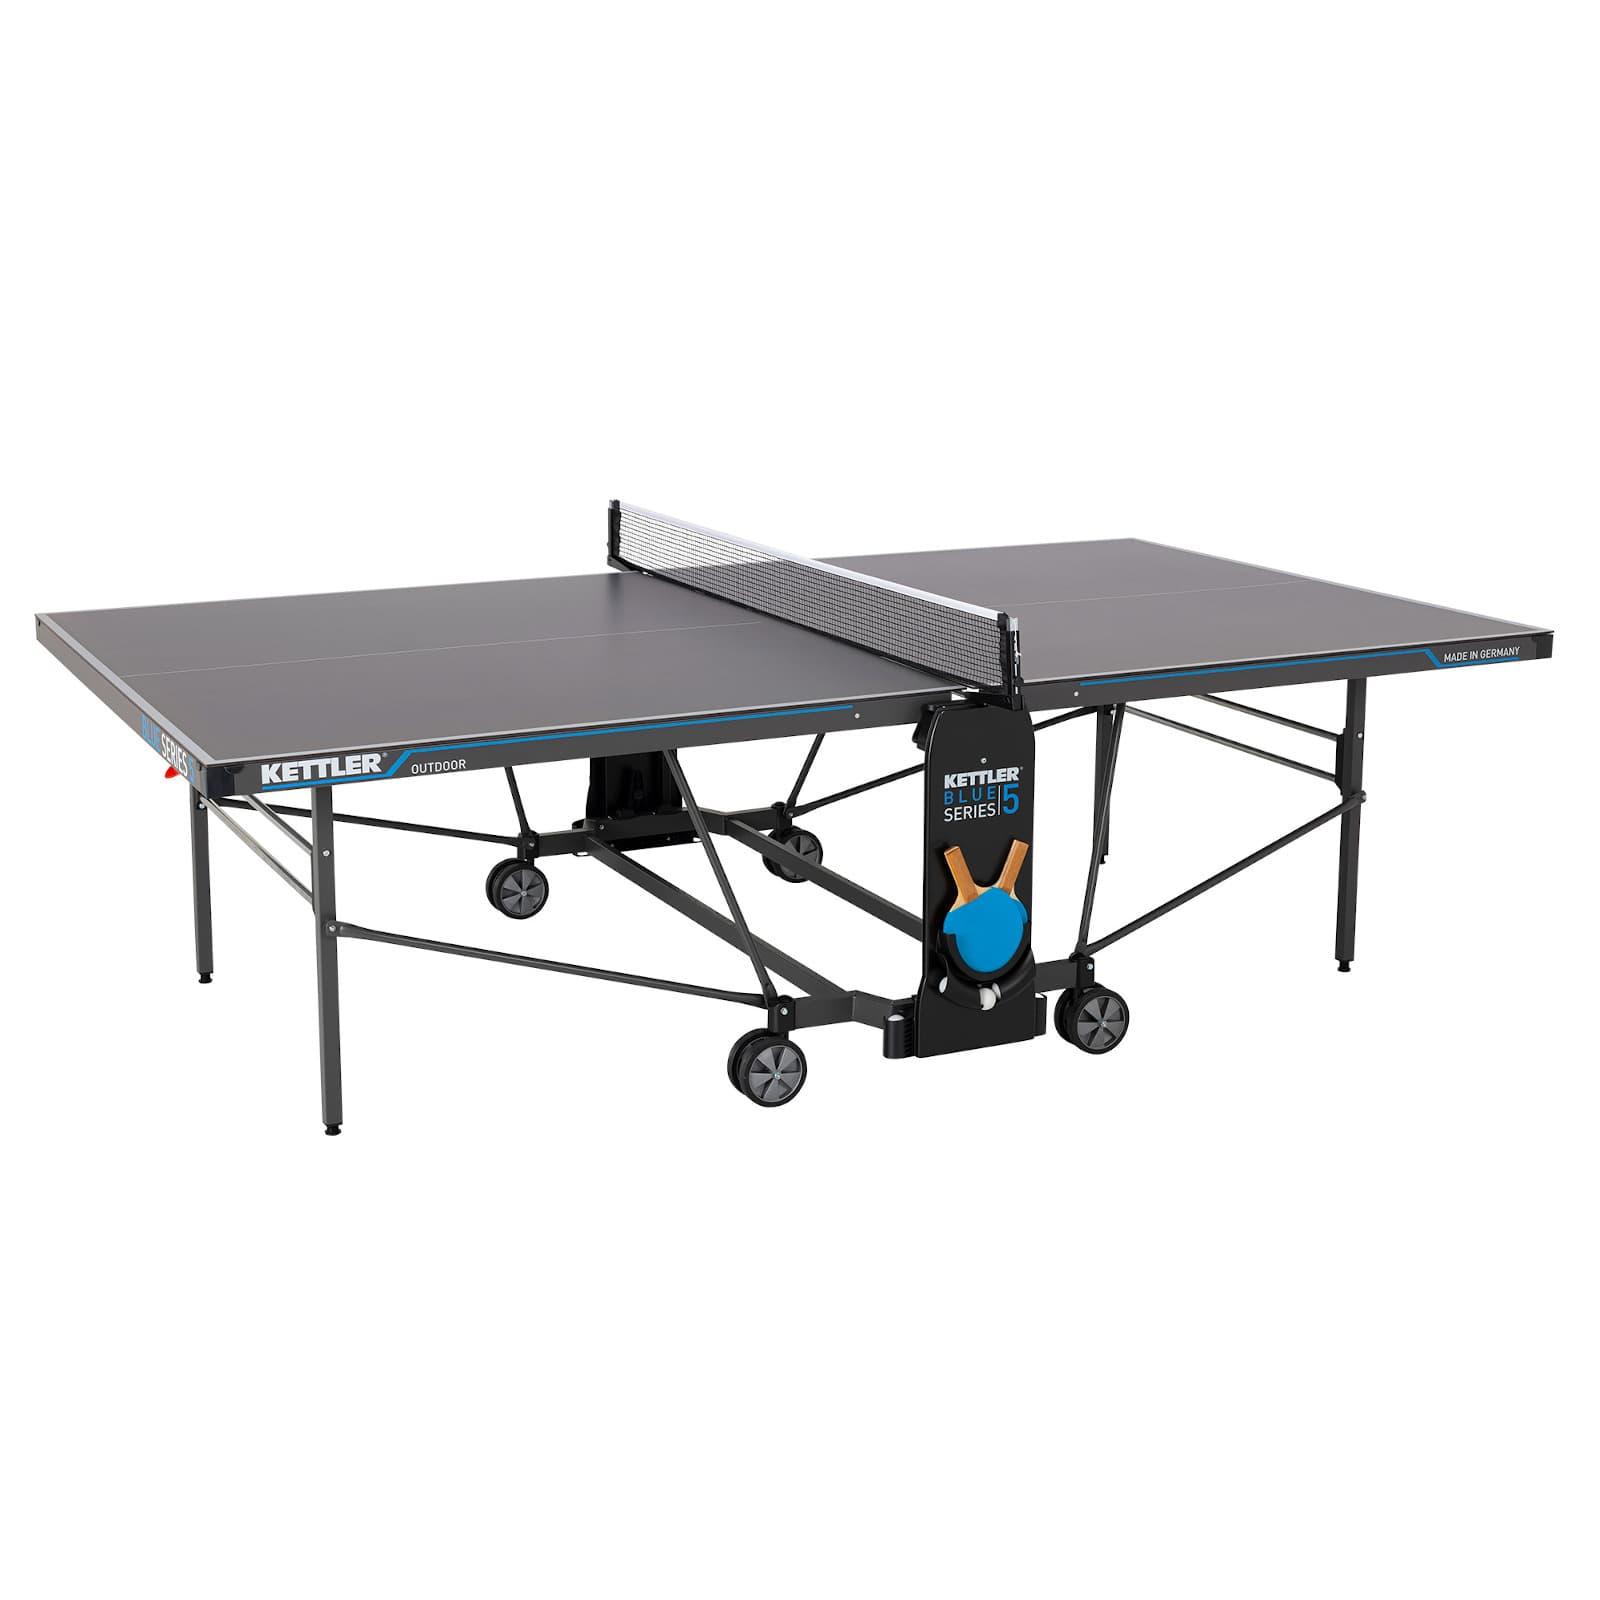 Tischtennistisch Kettler Outdoor 5